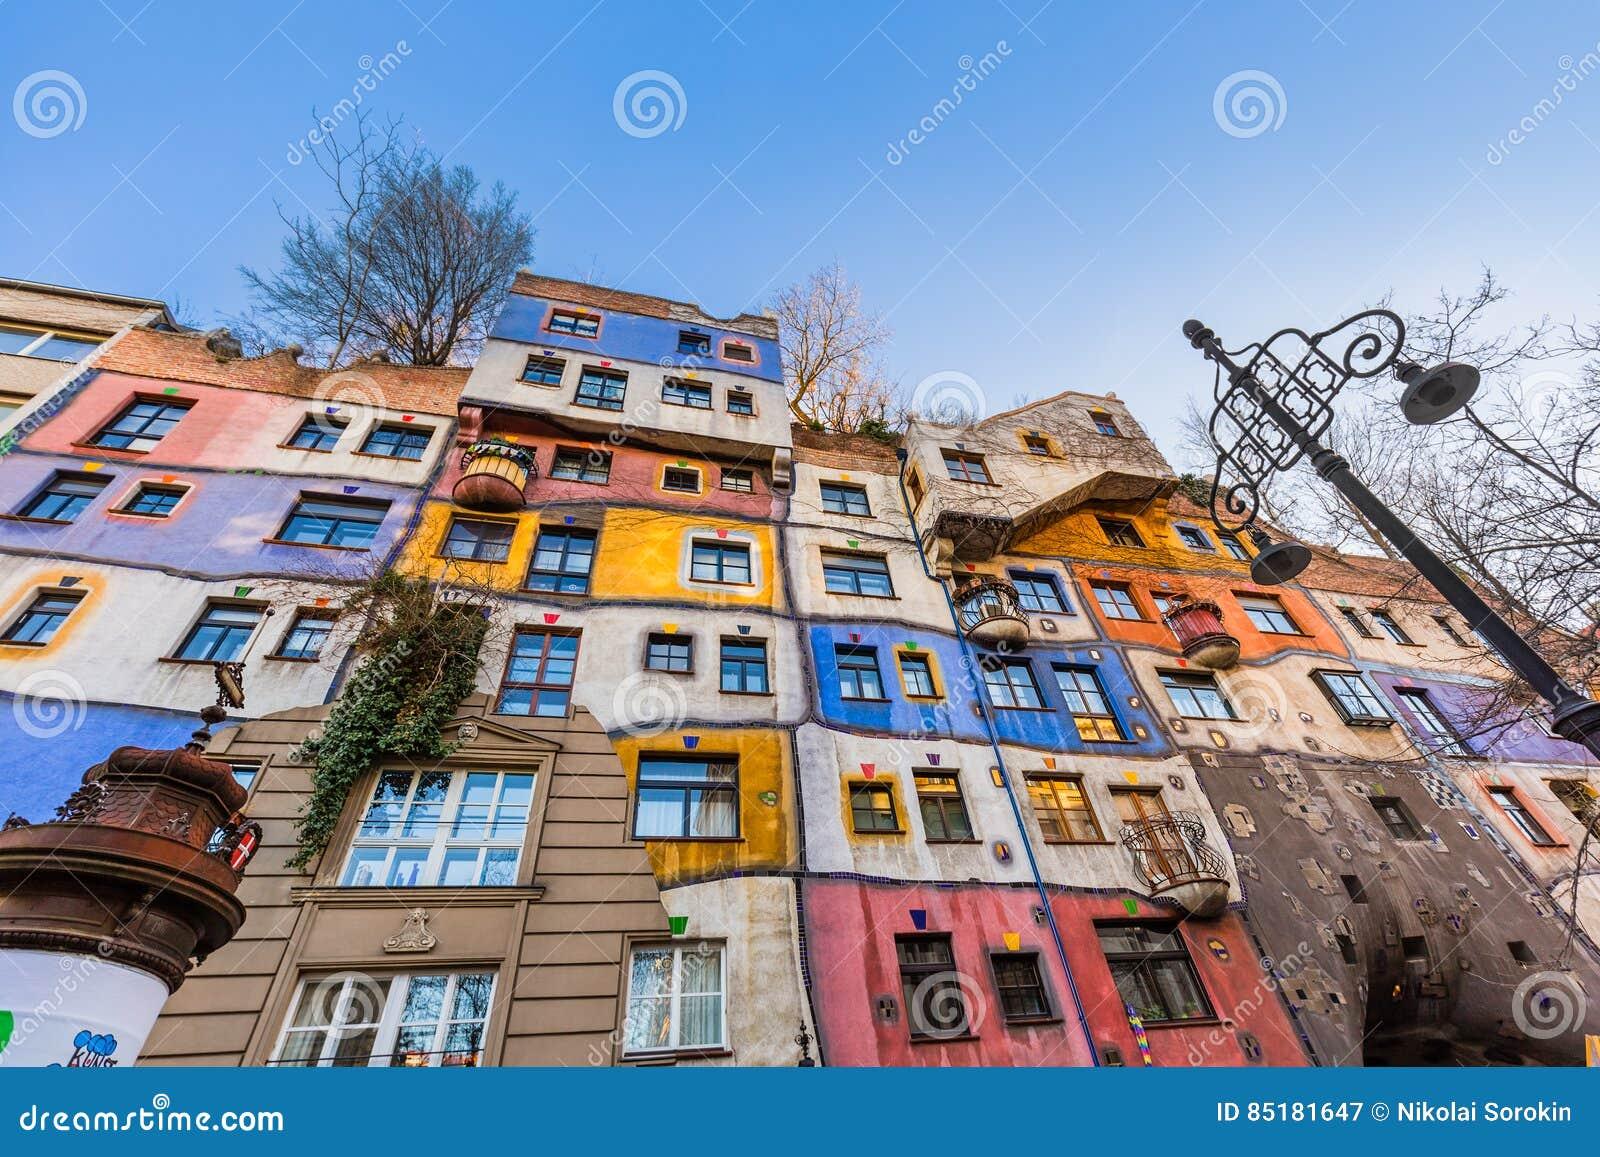 Hundertwasserhuis in wenen oostenrijk stock afbeelding afbeelding